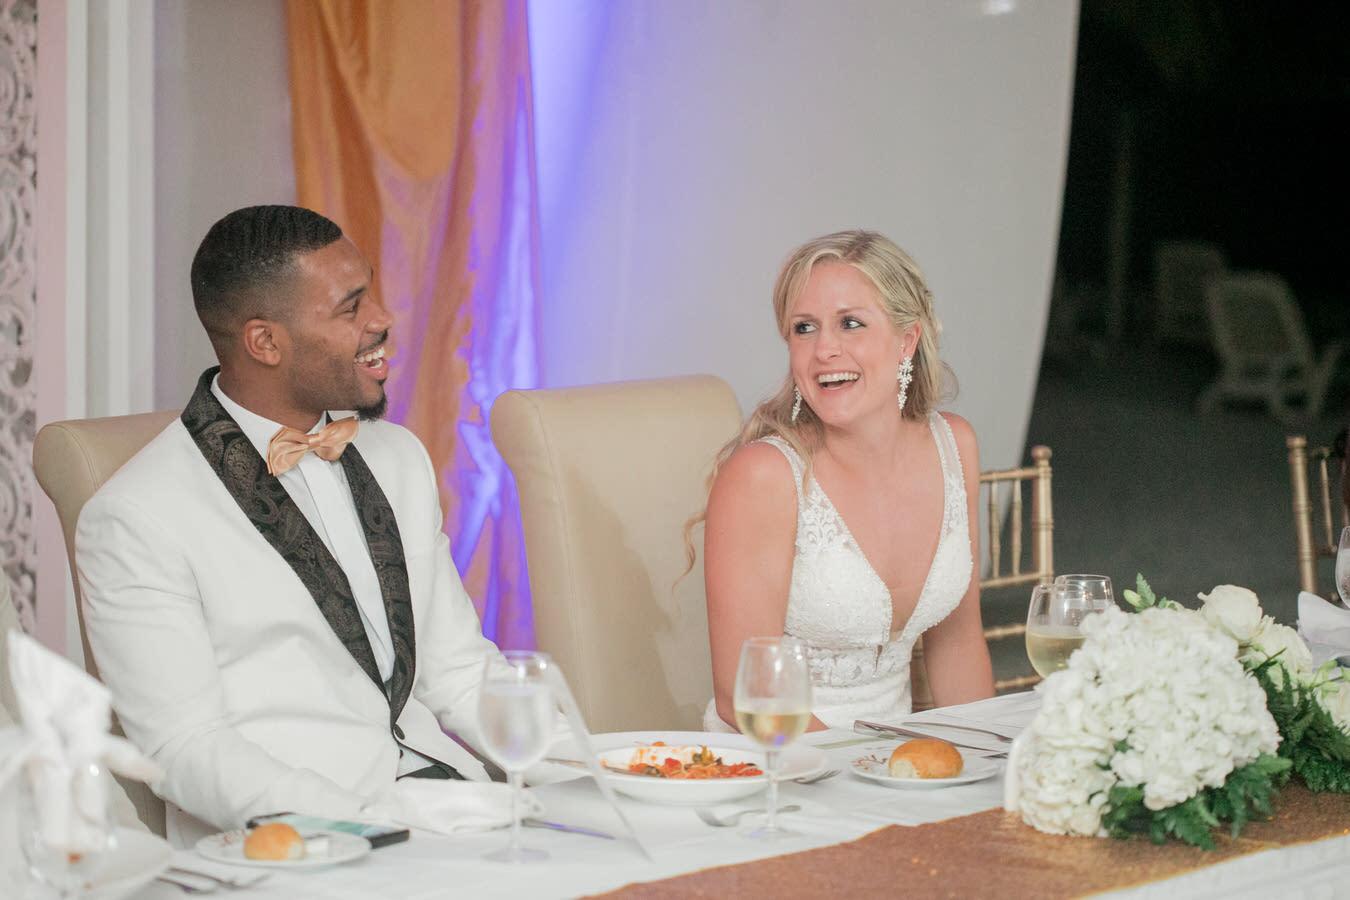 Ashley___Michael___Daniel_Ricci_Weddings_High_Res._Final_0398.jpg